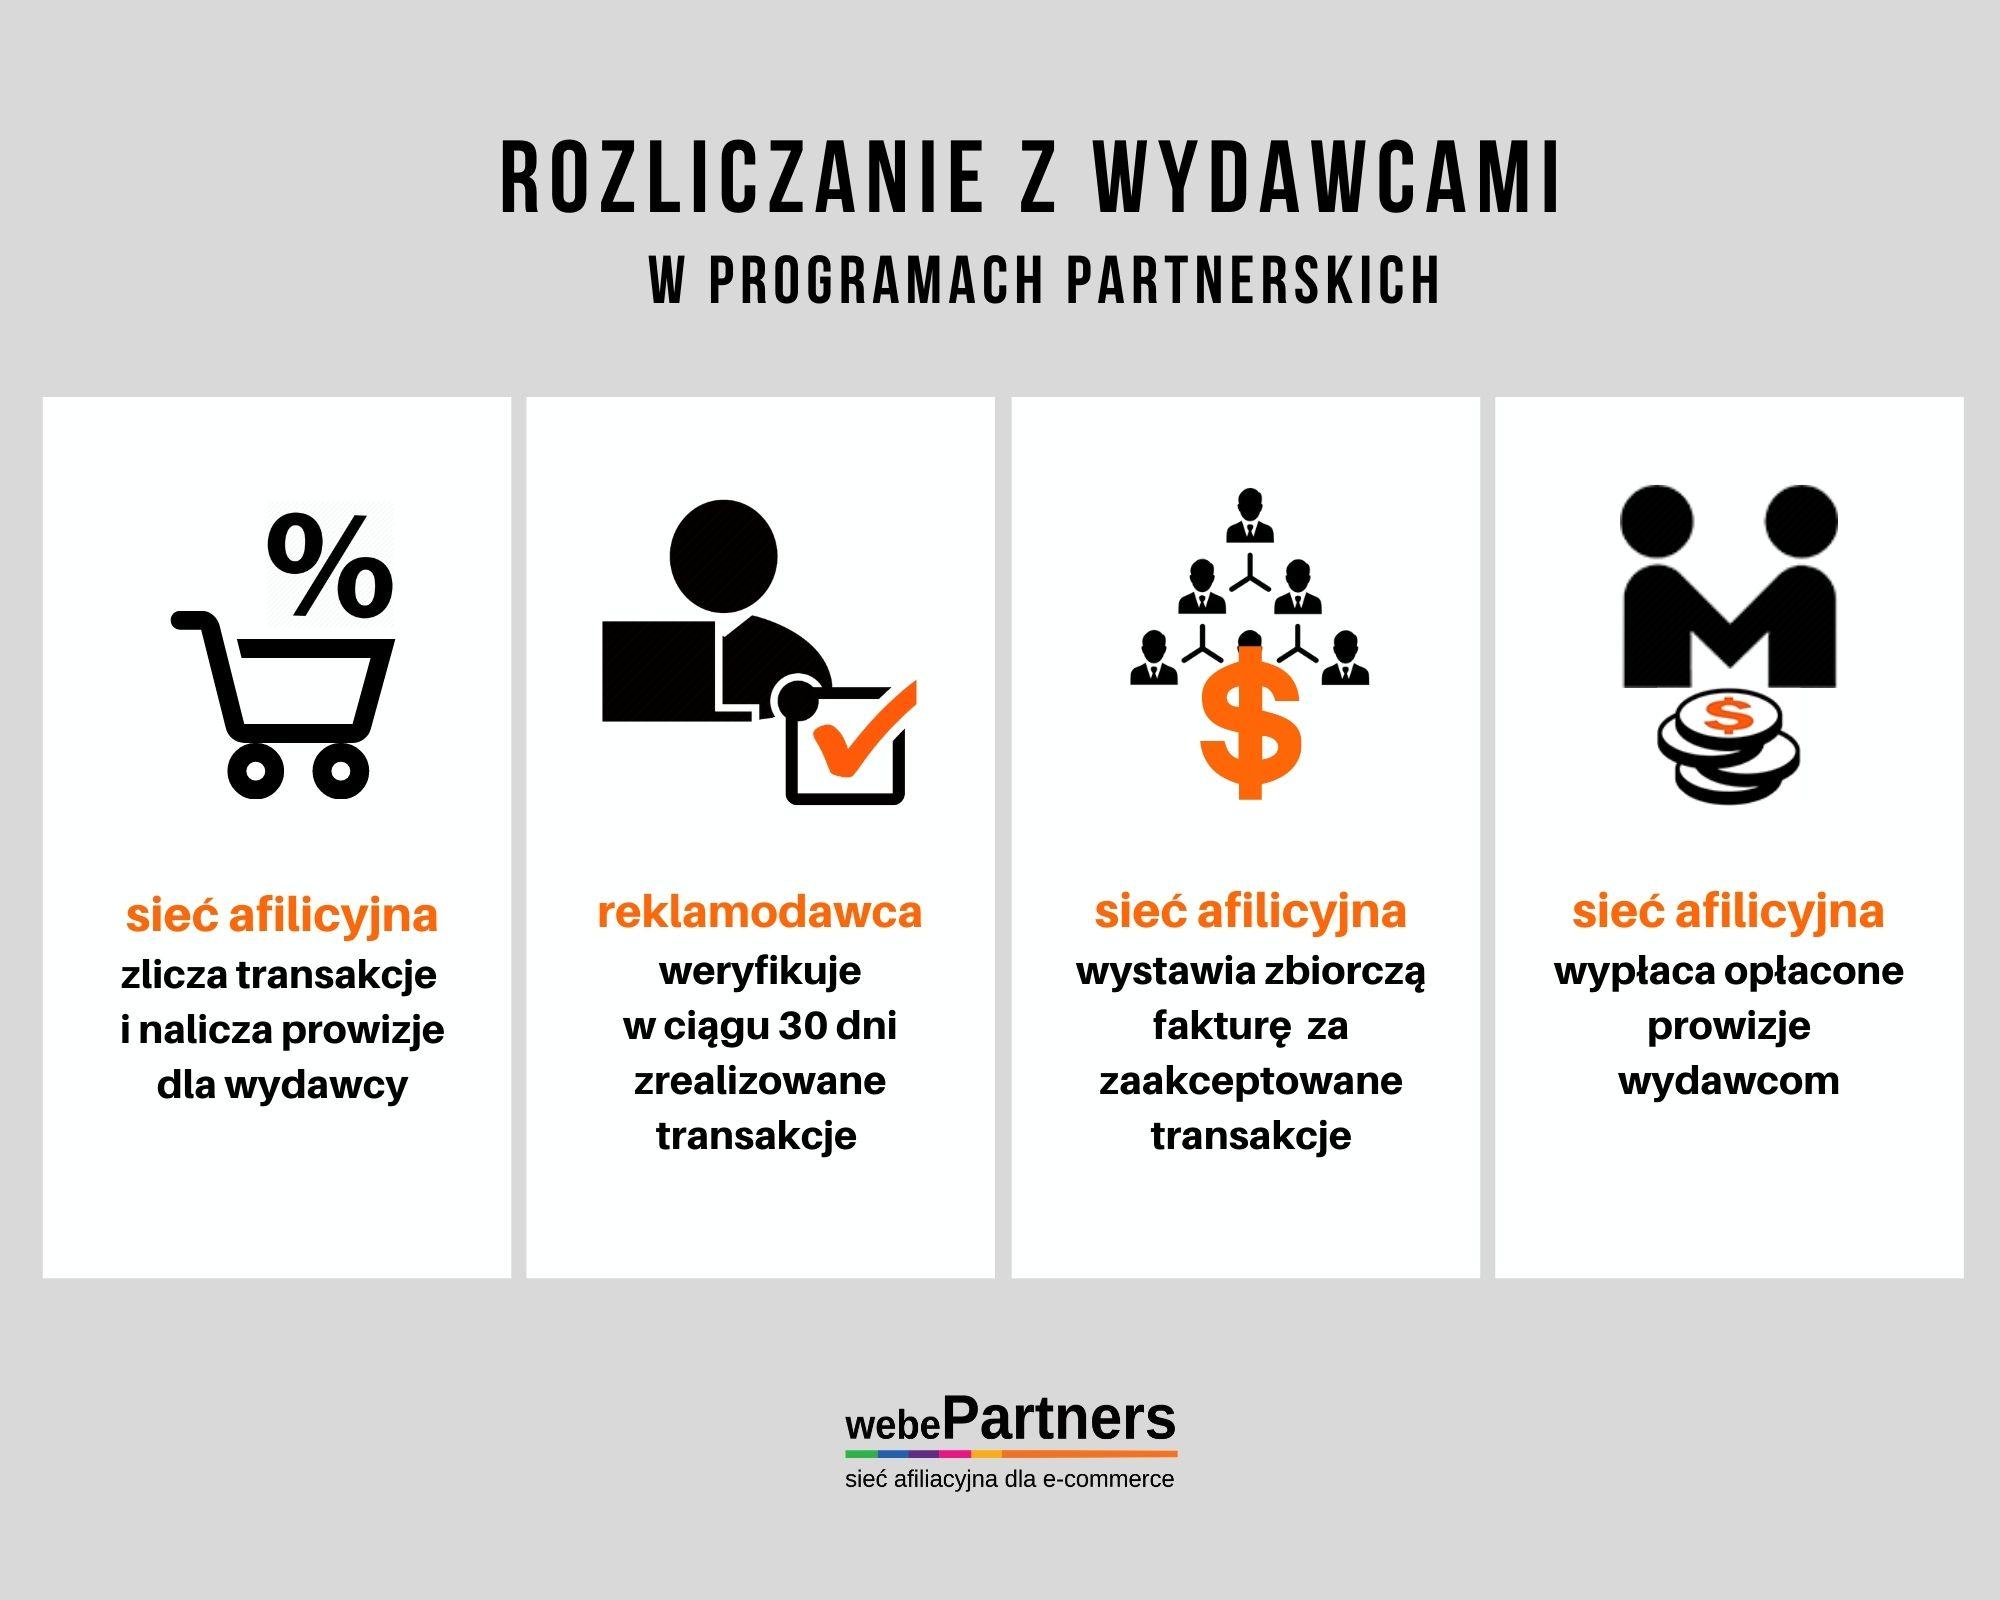 Rozliczanie z wydawcami w programach partnerskich